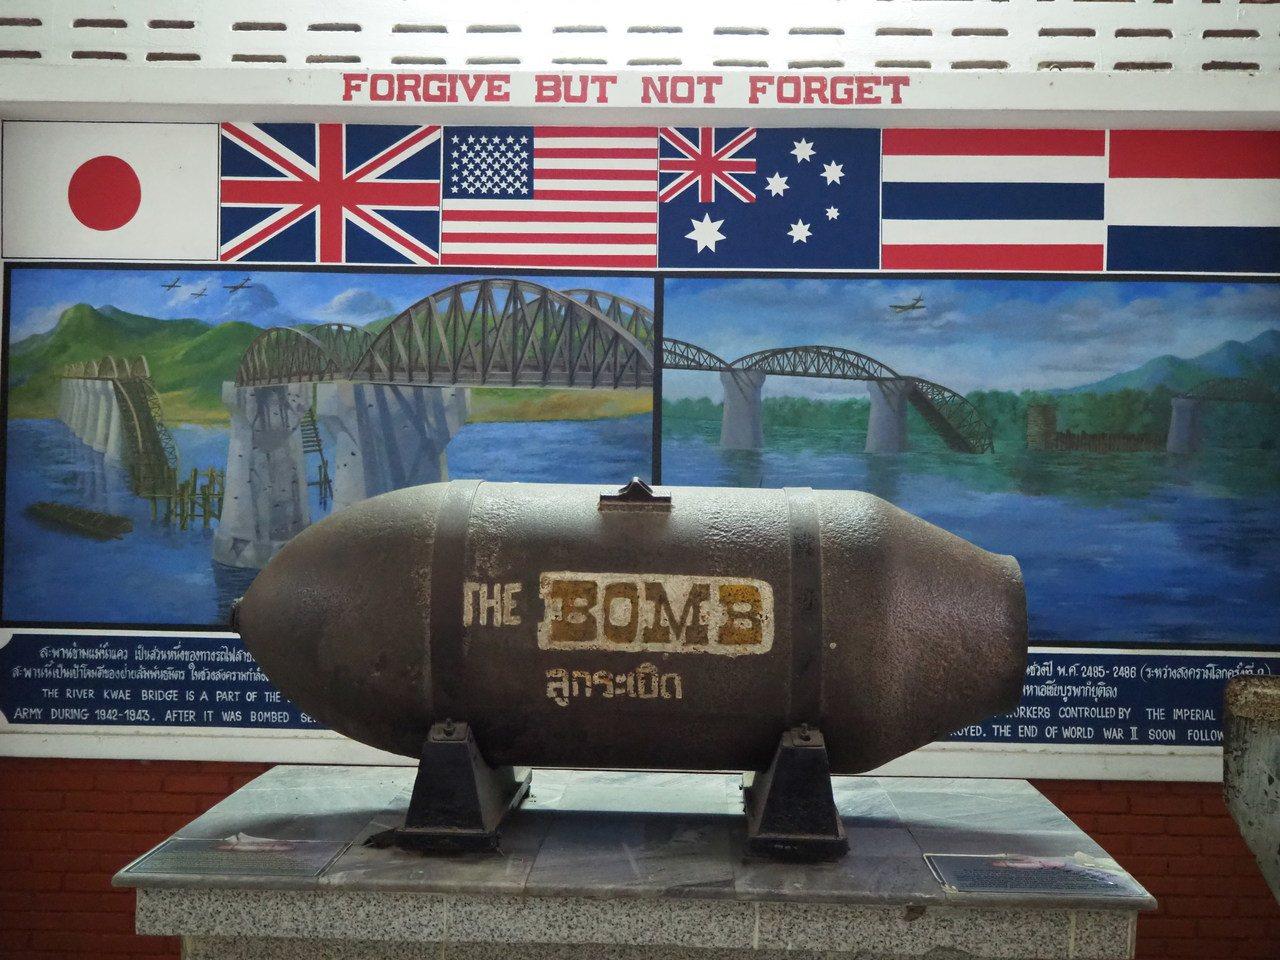 「可以原諒,不能遺忘」,戰爭博物館的這句話始終縈繞在懷。記者羅建怡/攝影